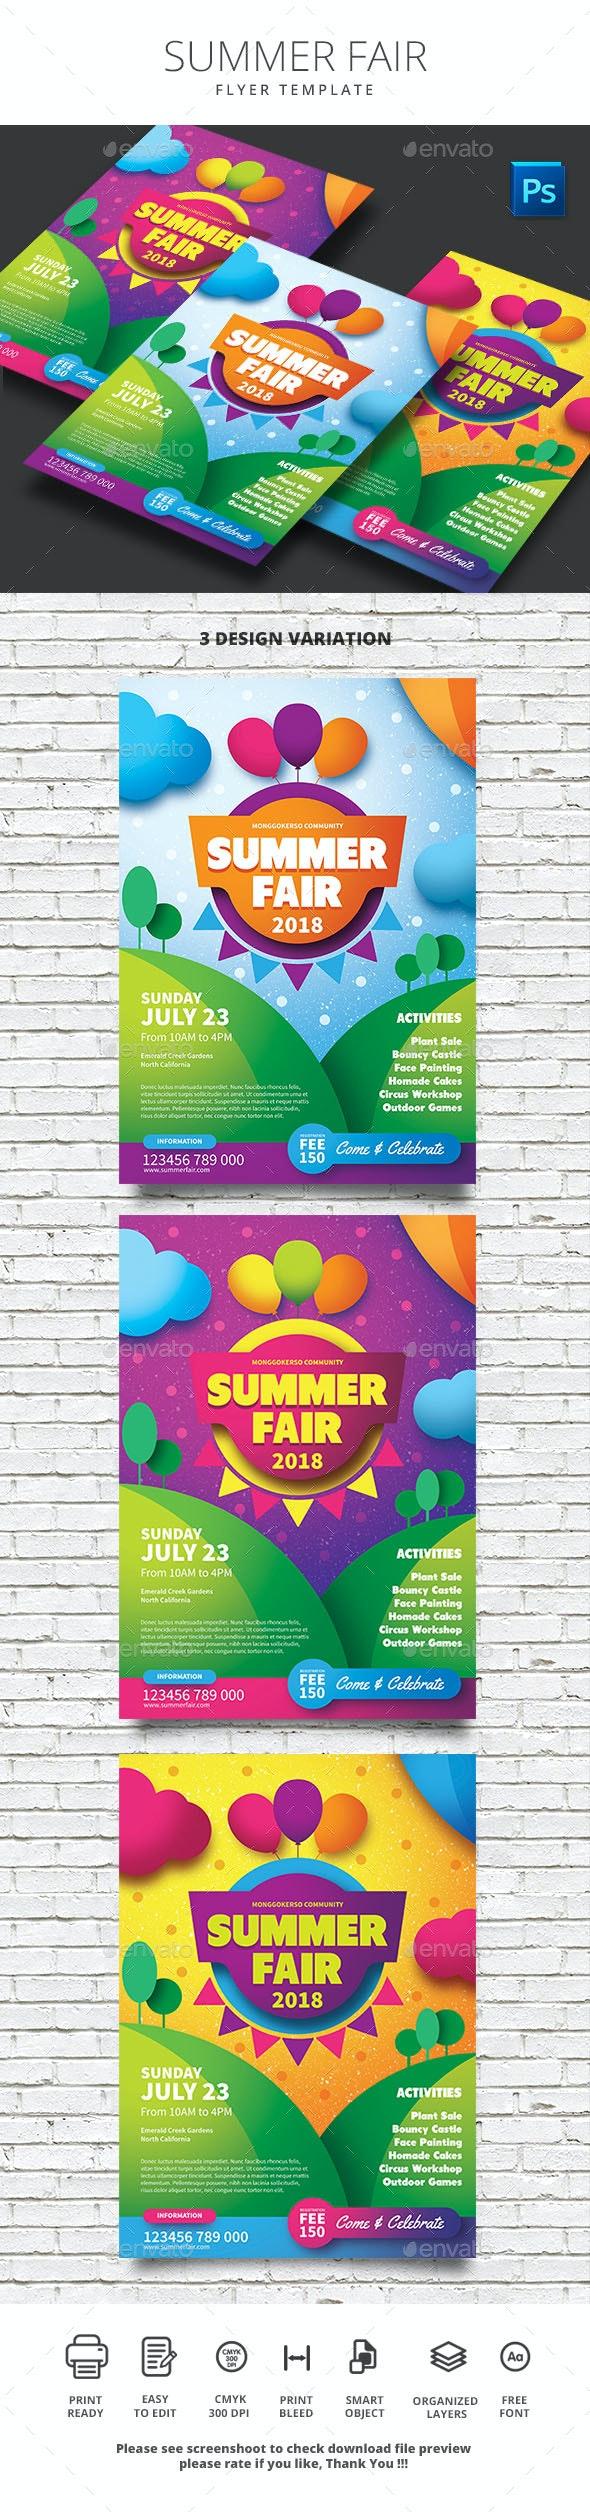 Summer Fair - Events Flyers